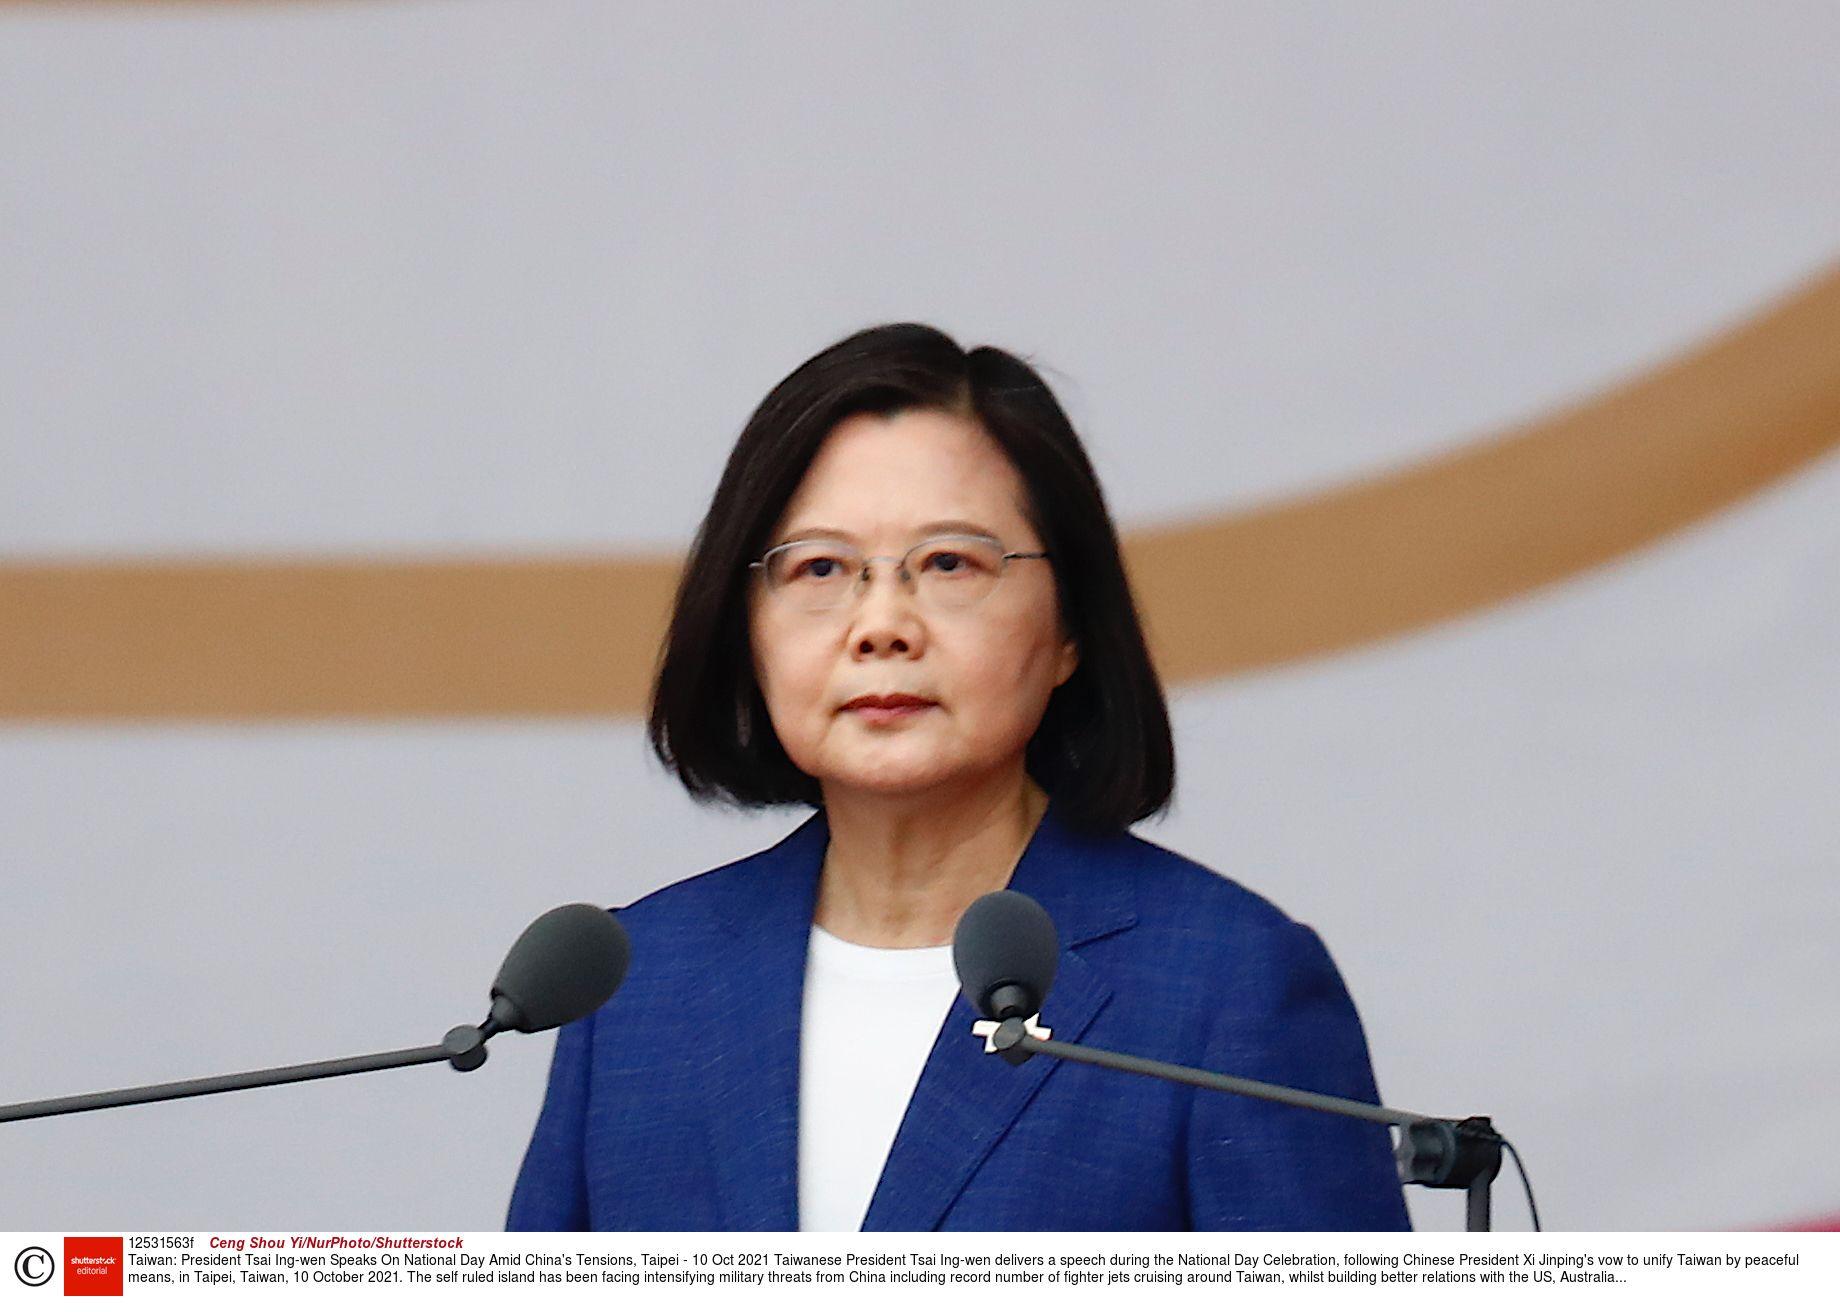 緊張高まる台湾情勢